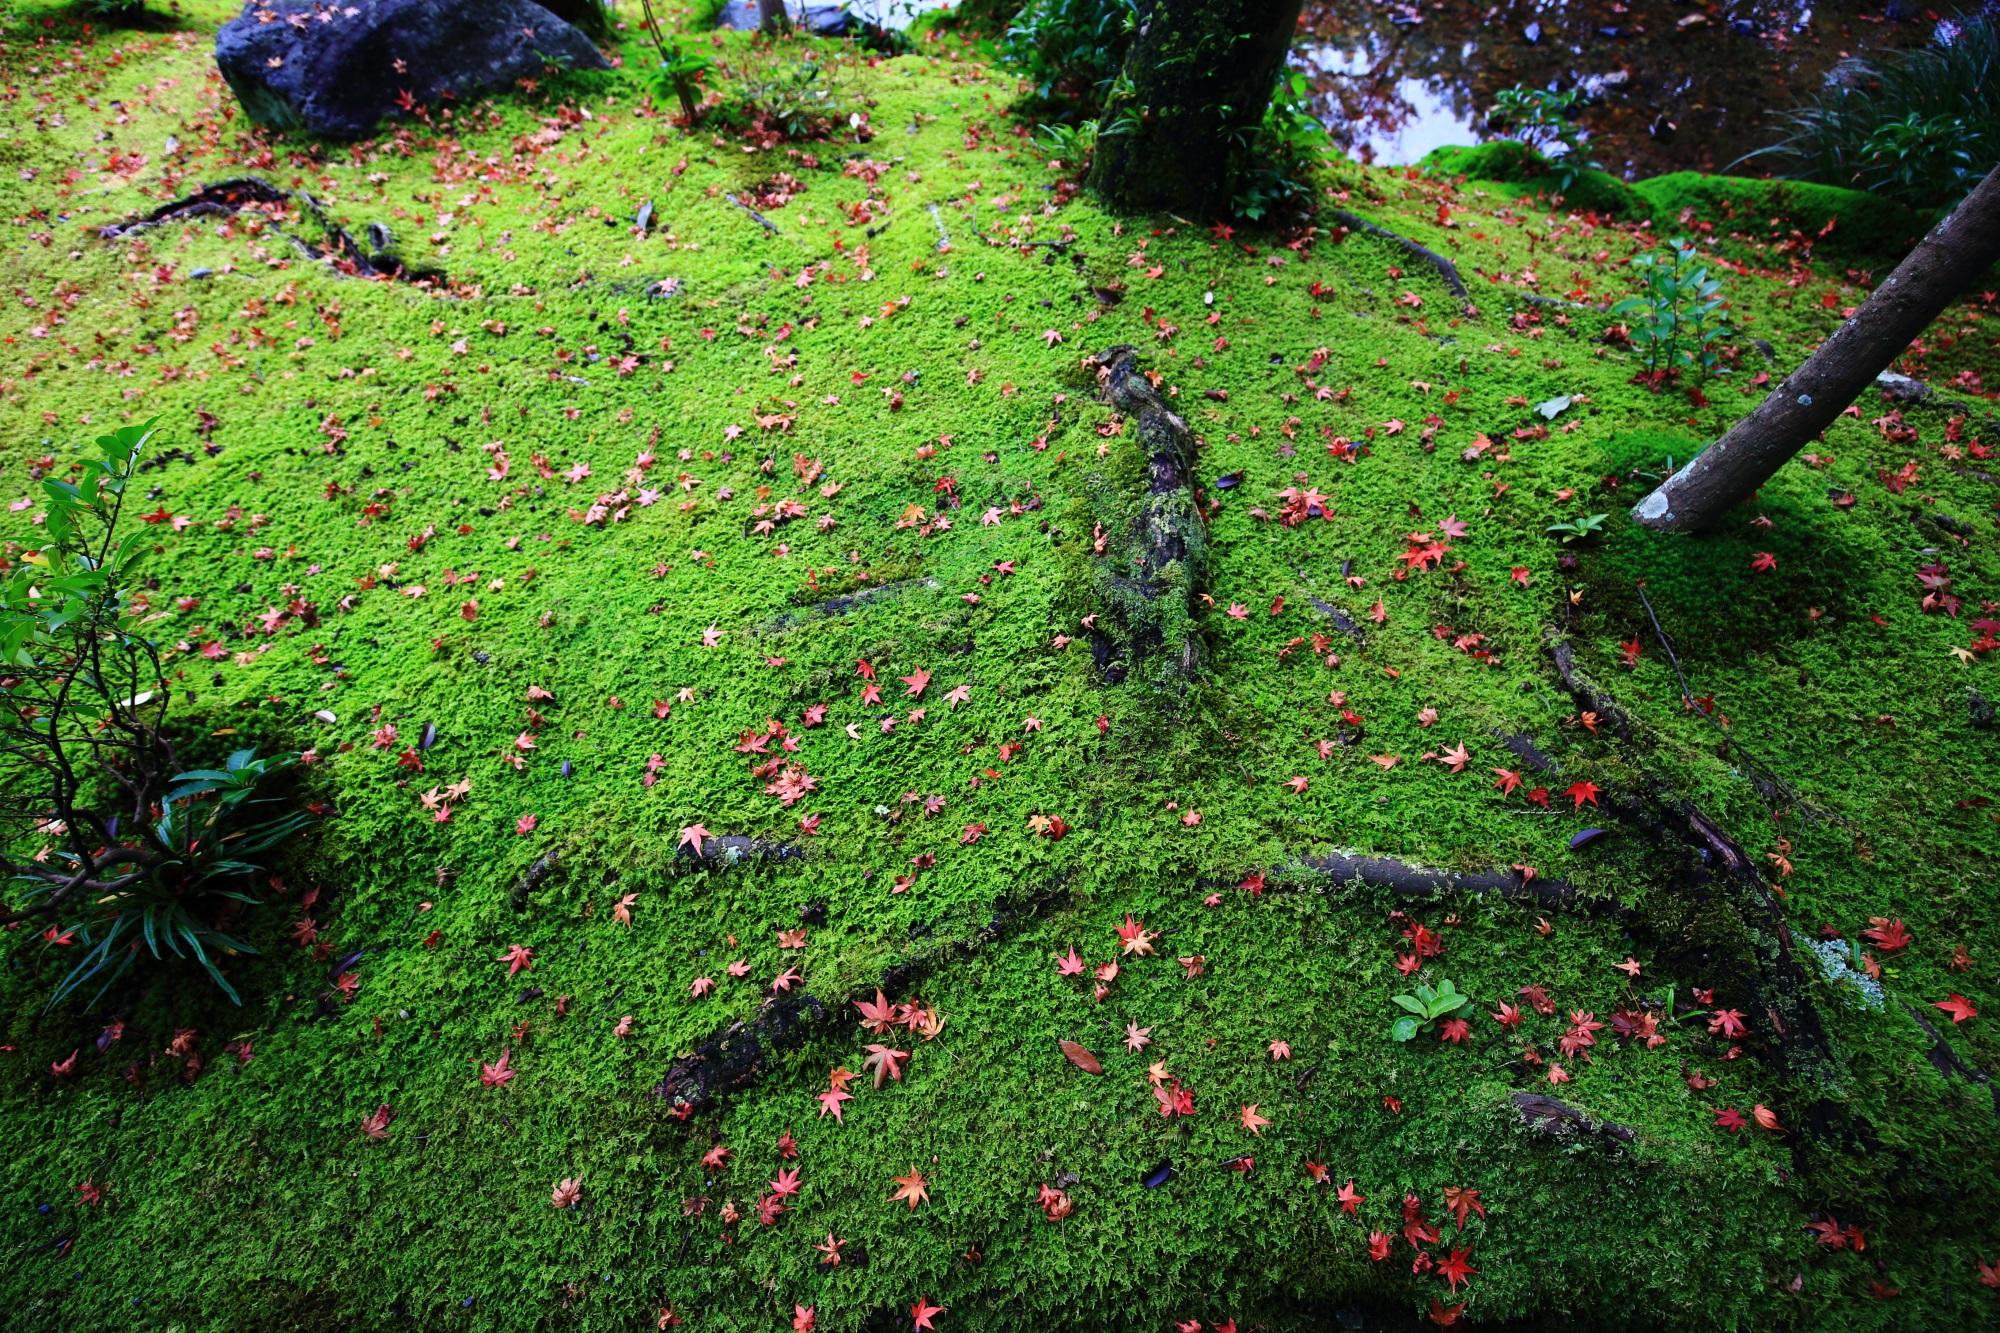 無鄰菴の鮮やかで輝くような緑の苔を染める上品な散りもみじ